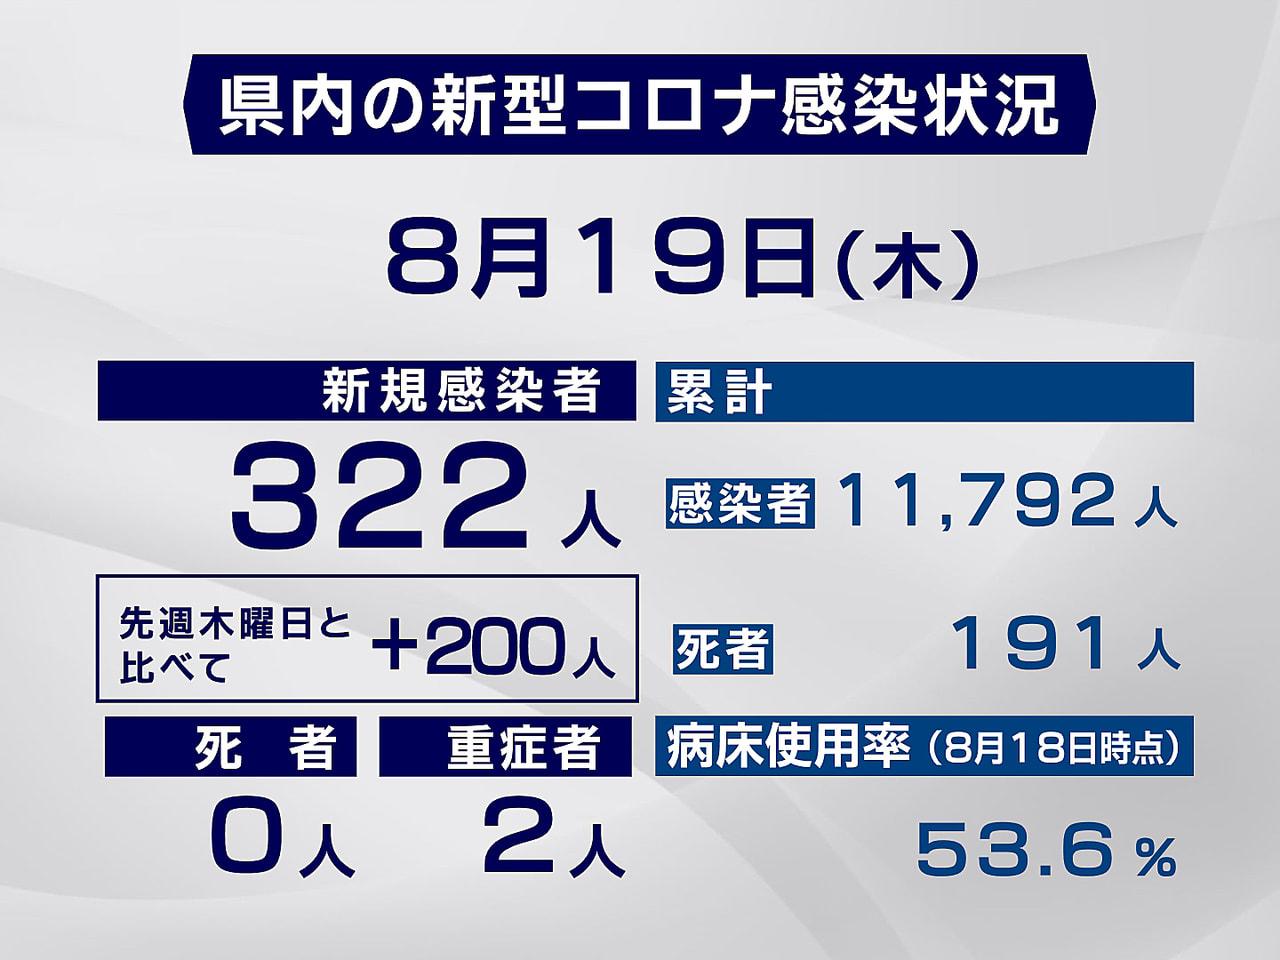 岐阜県内では19日、新型コロナウイルスの感染者が新たに322人確認されました。 ...